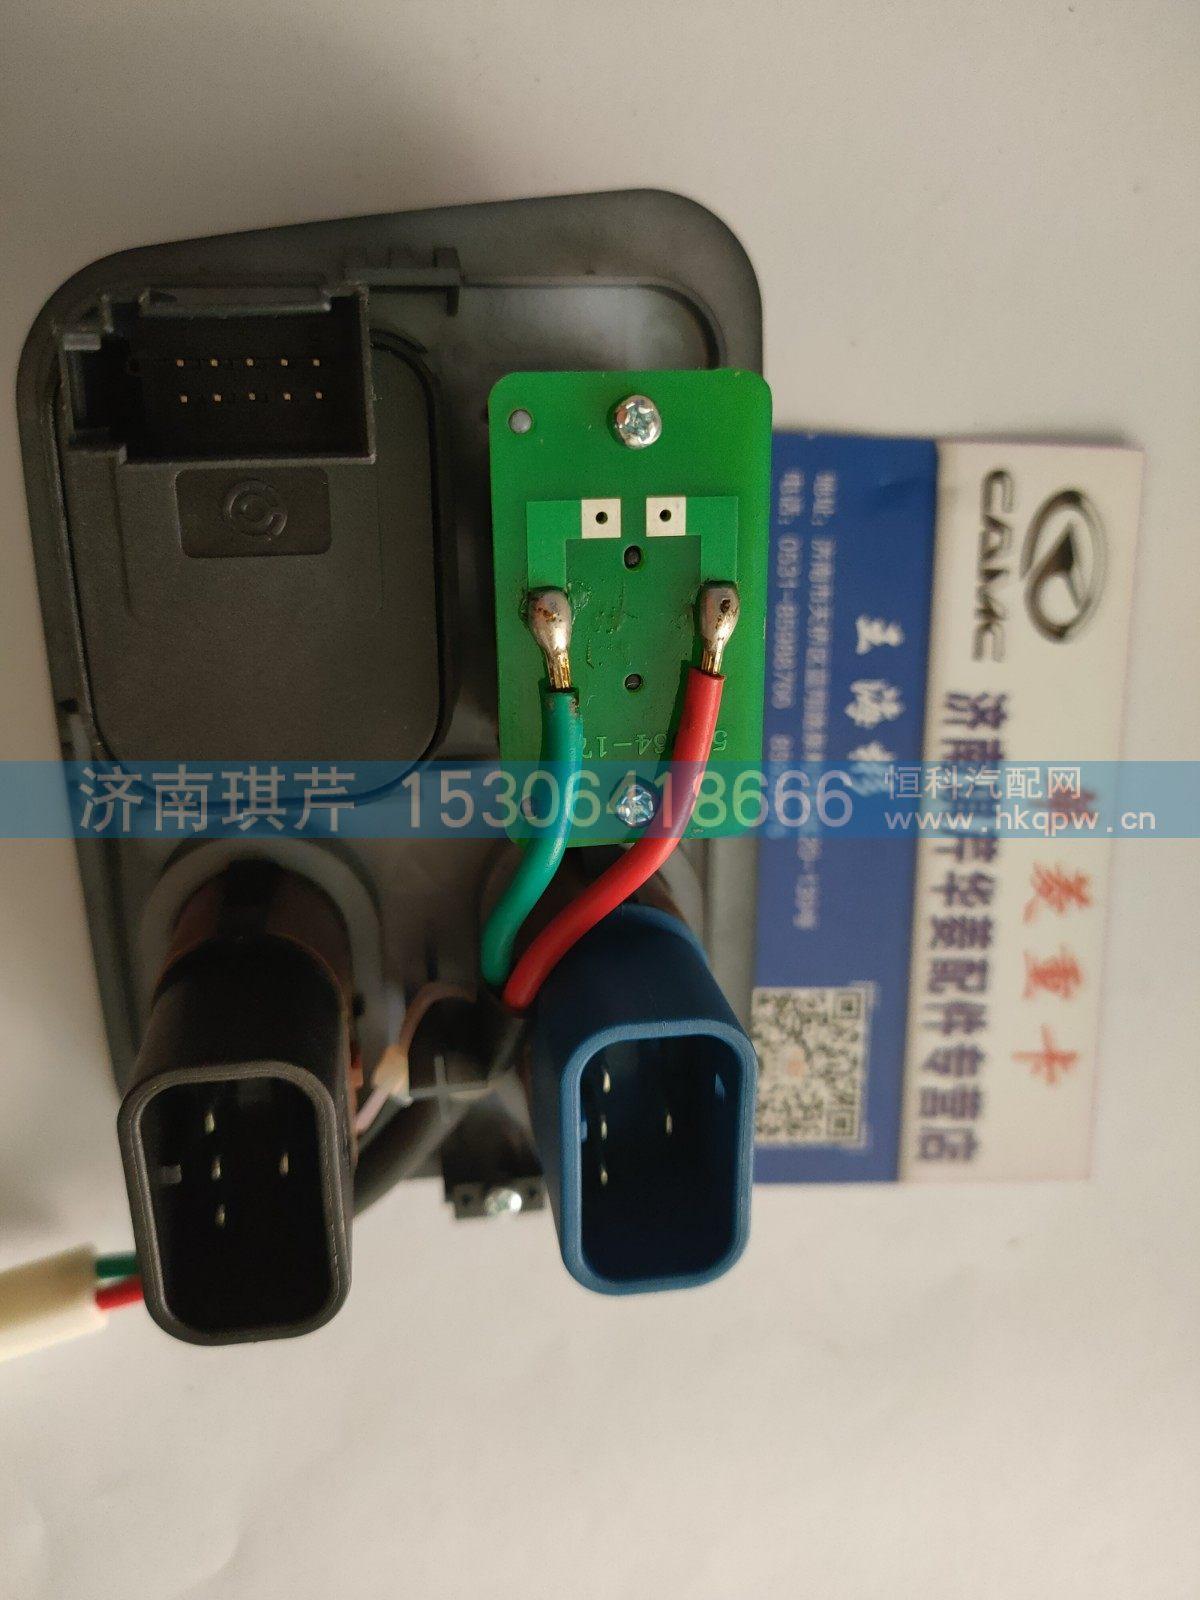 37FY59D-46012,玻璃升降器开关,济南华菱配件销售中心